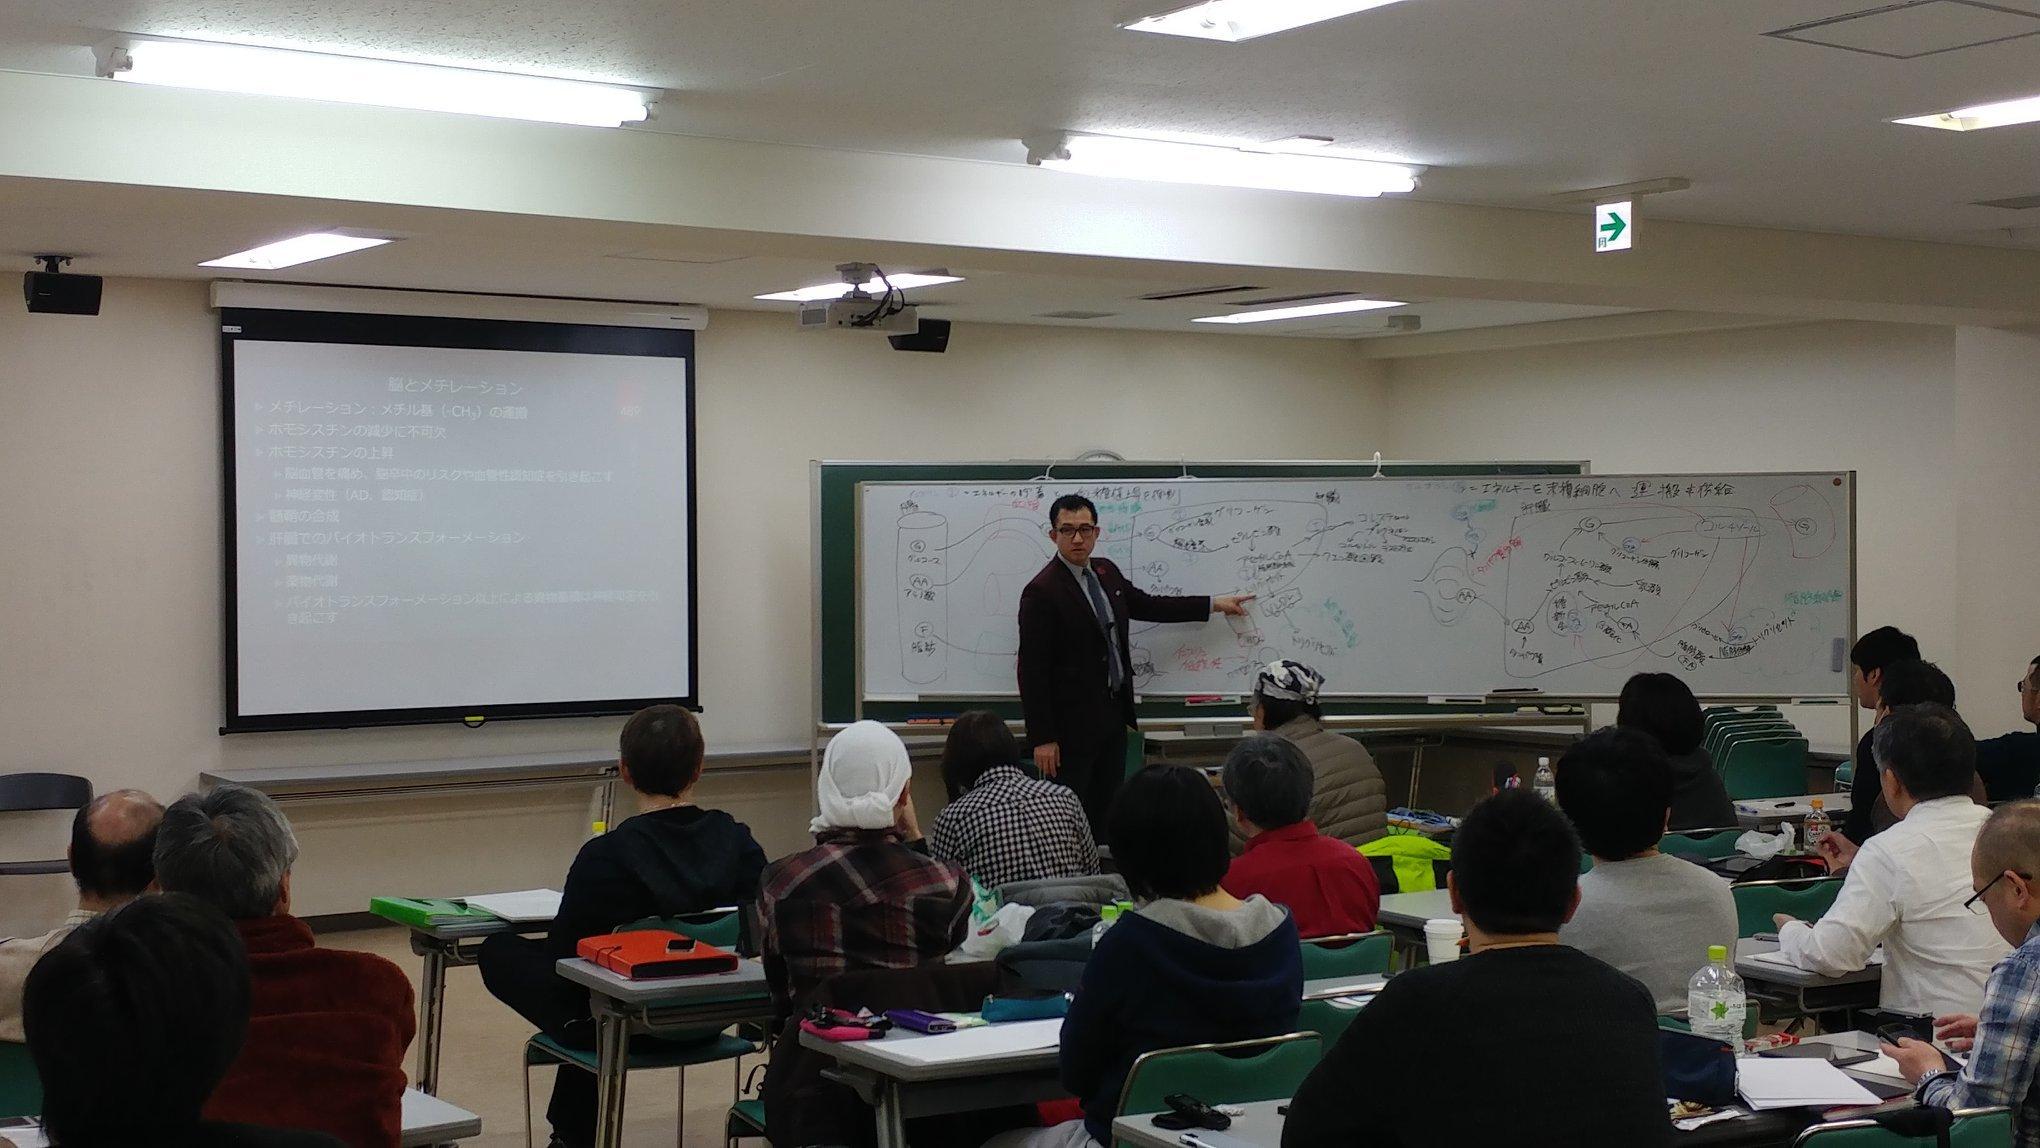 「脳化学入門」講座に学ぶ_c0113928_16171068.jpg